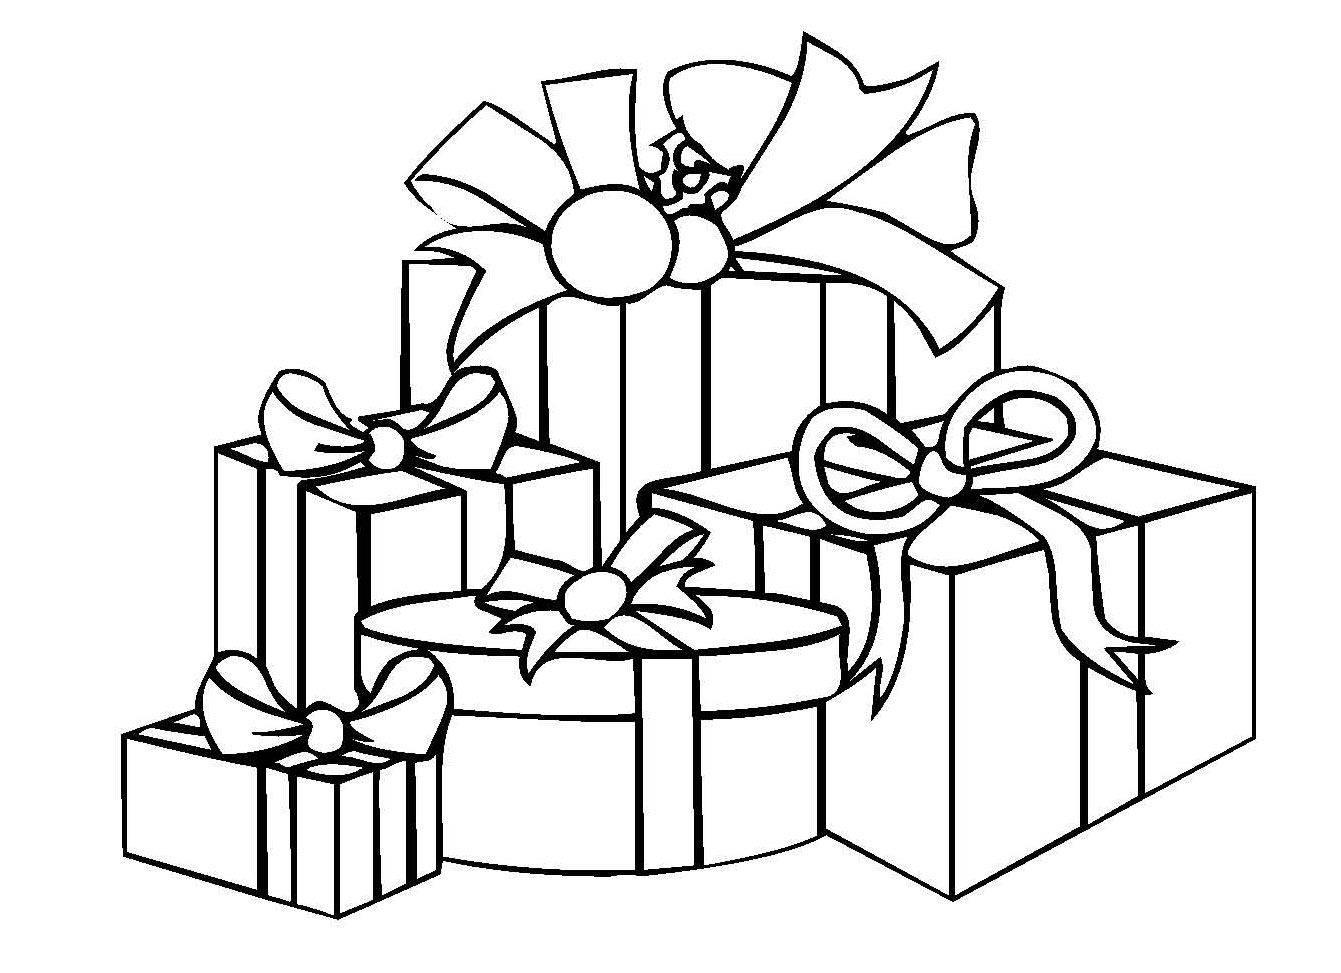 ausmalbild weihnachten: weihnachtsgeschenke kostenlos